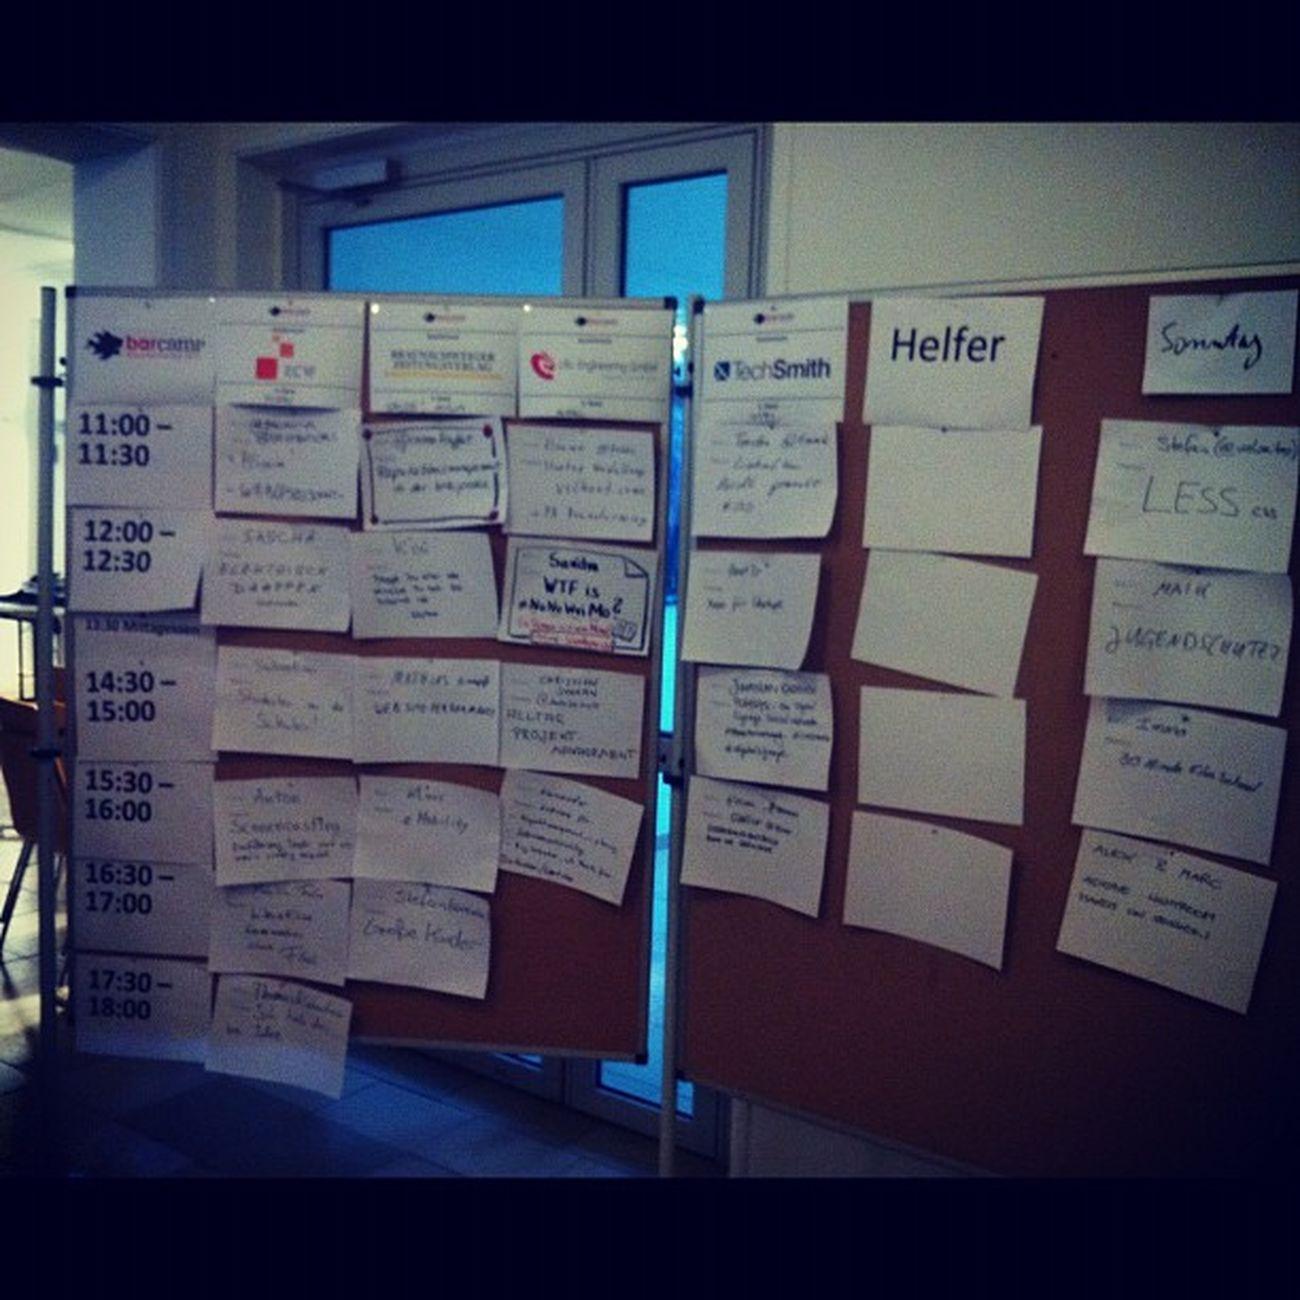 Sessionplan hängt natürlich auch schon #barbs2011 Barbs2011